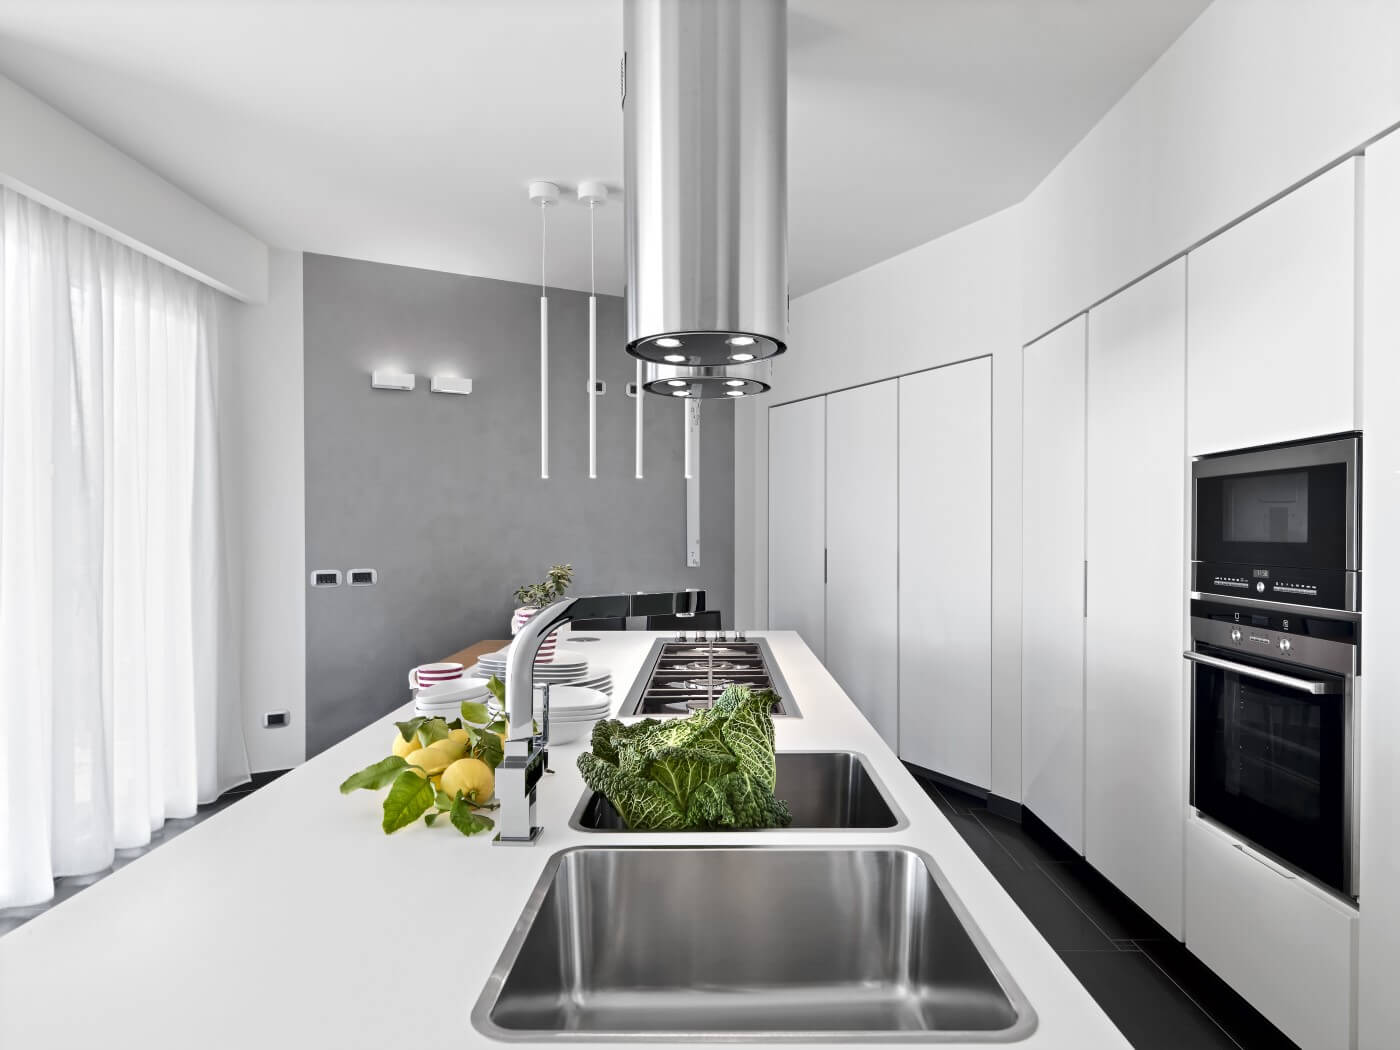 cucina con soluzioni ecocreative